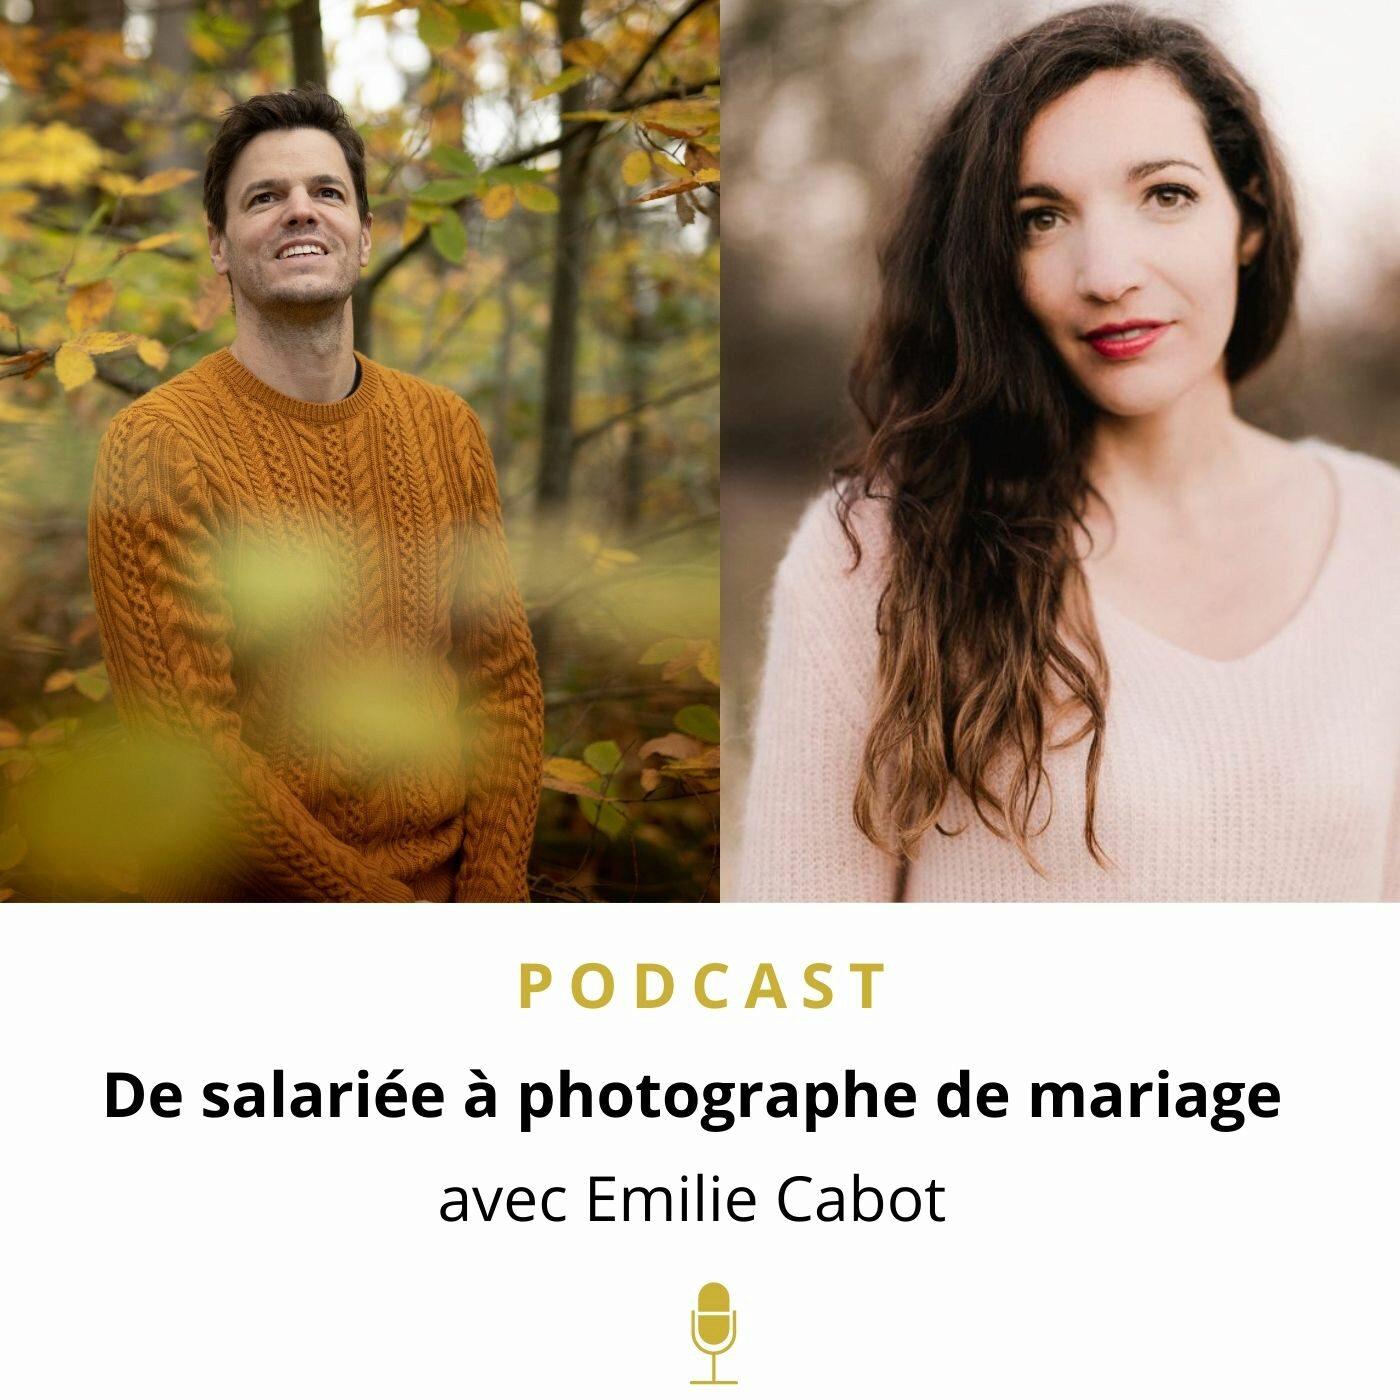 Libre & Photographe #7 | Emilie Cabot - De salariée dans le marketing à photographe de mariage